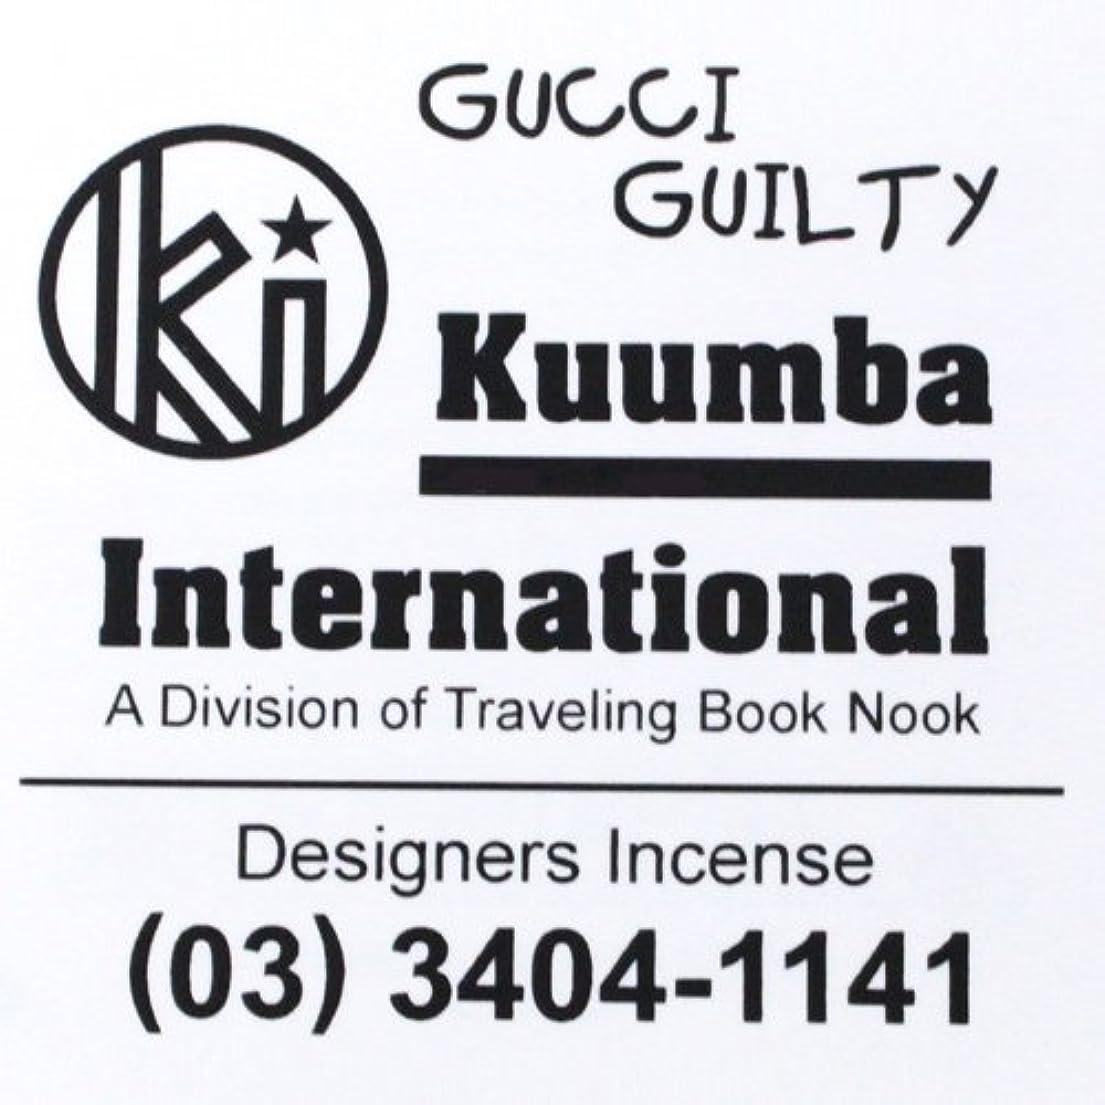 医学揃える子孫KUUMBA (クンバ)『incense』(GUCCI GUILTY) (Regular size)